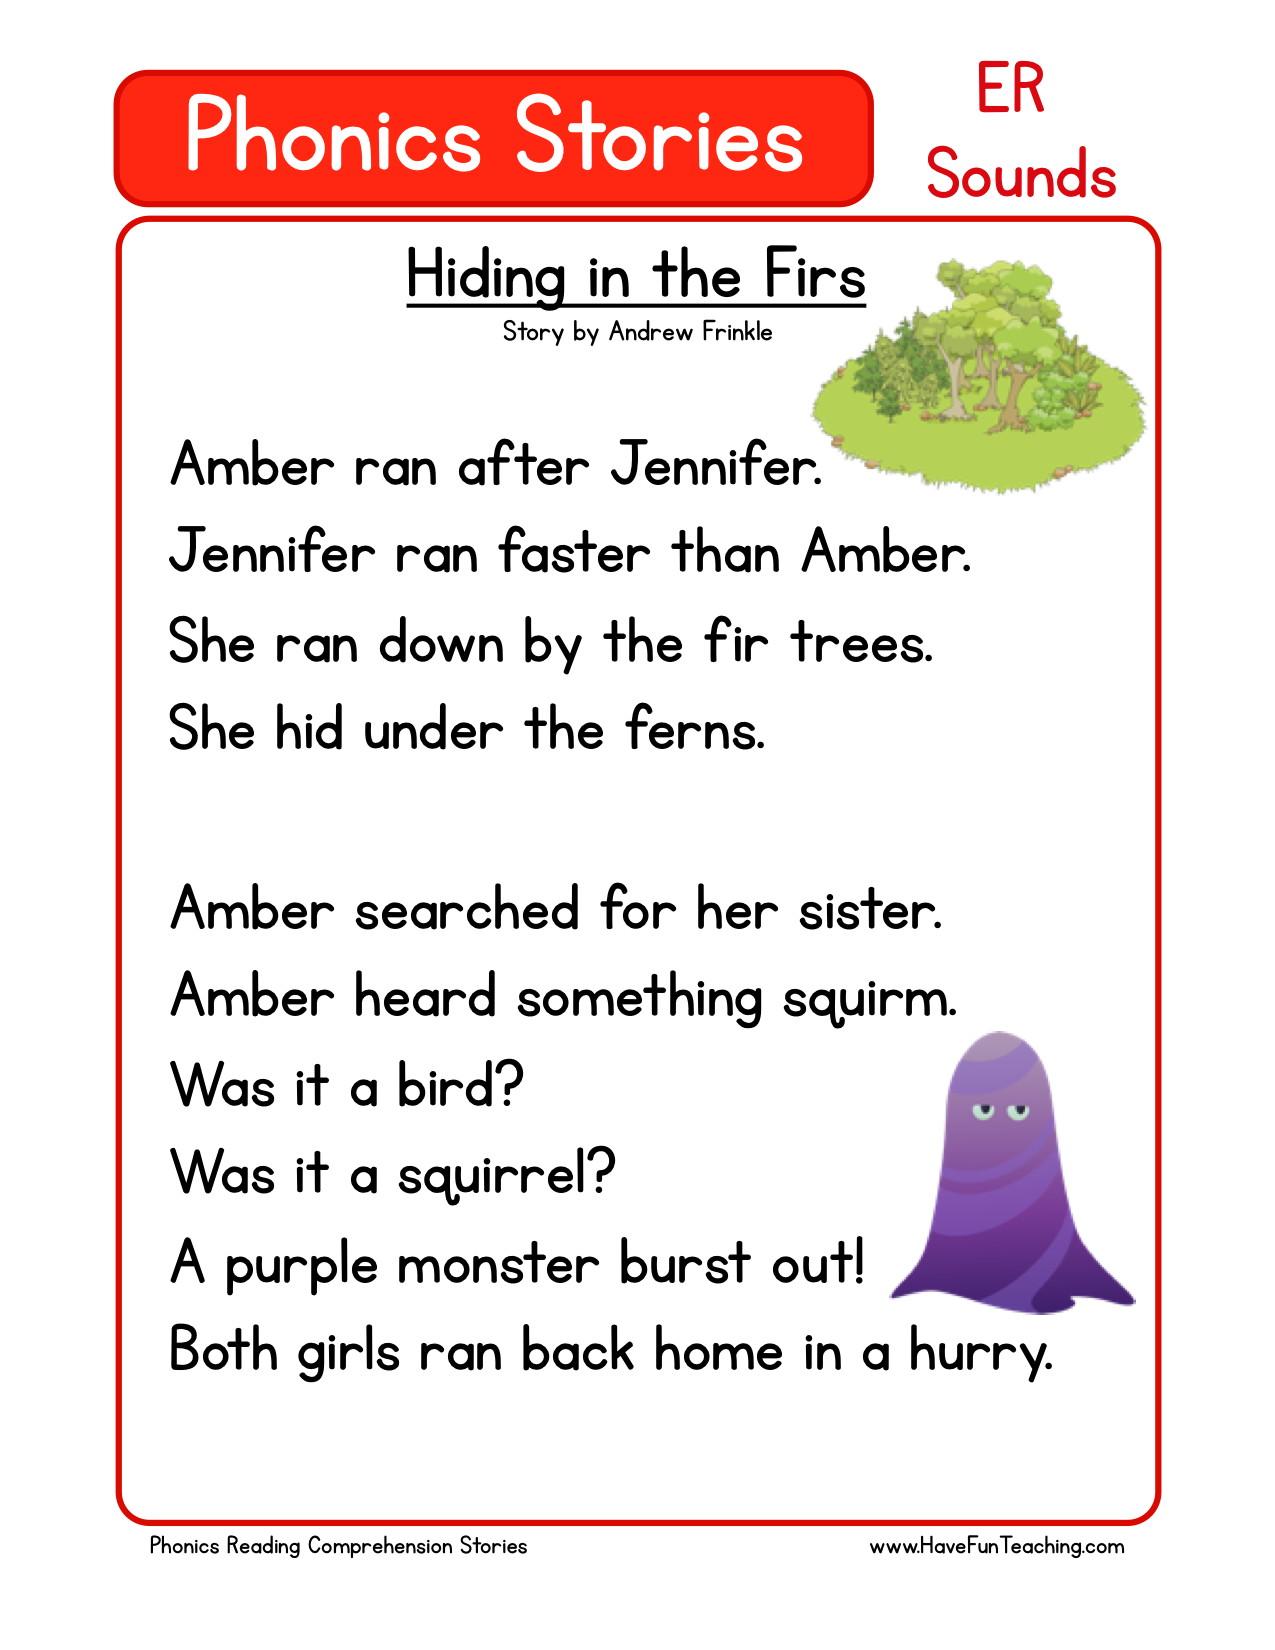 Worksheet Reading Comprehension Stories 1st Grade Wosenly Free – 1st Grade Worksheets Reading